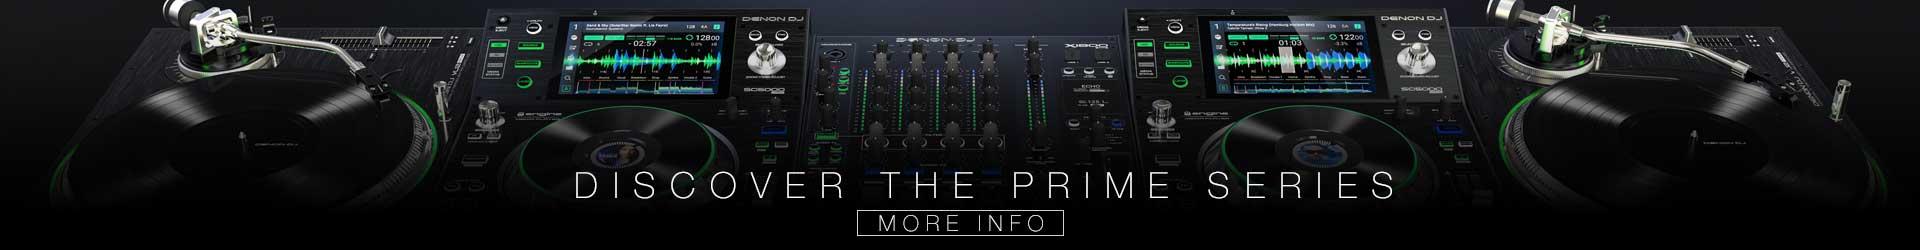 Denon DJ   Professional DJ Equipment